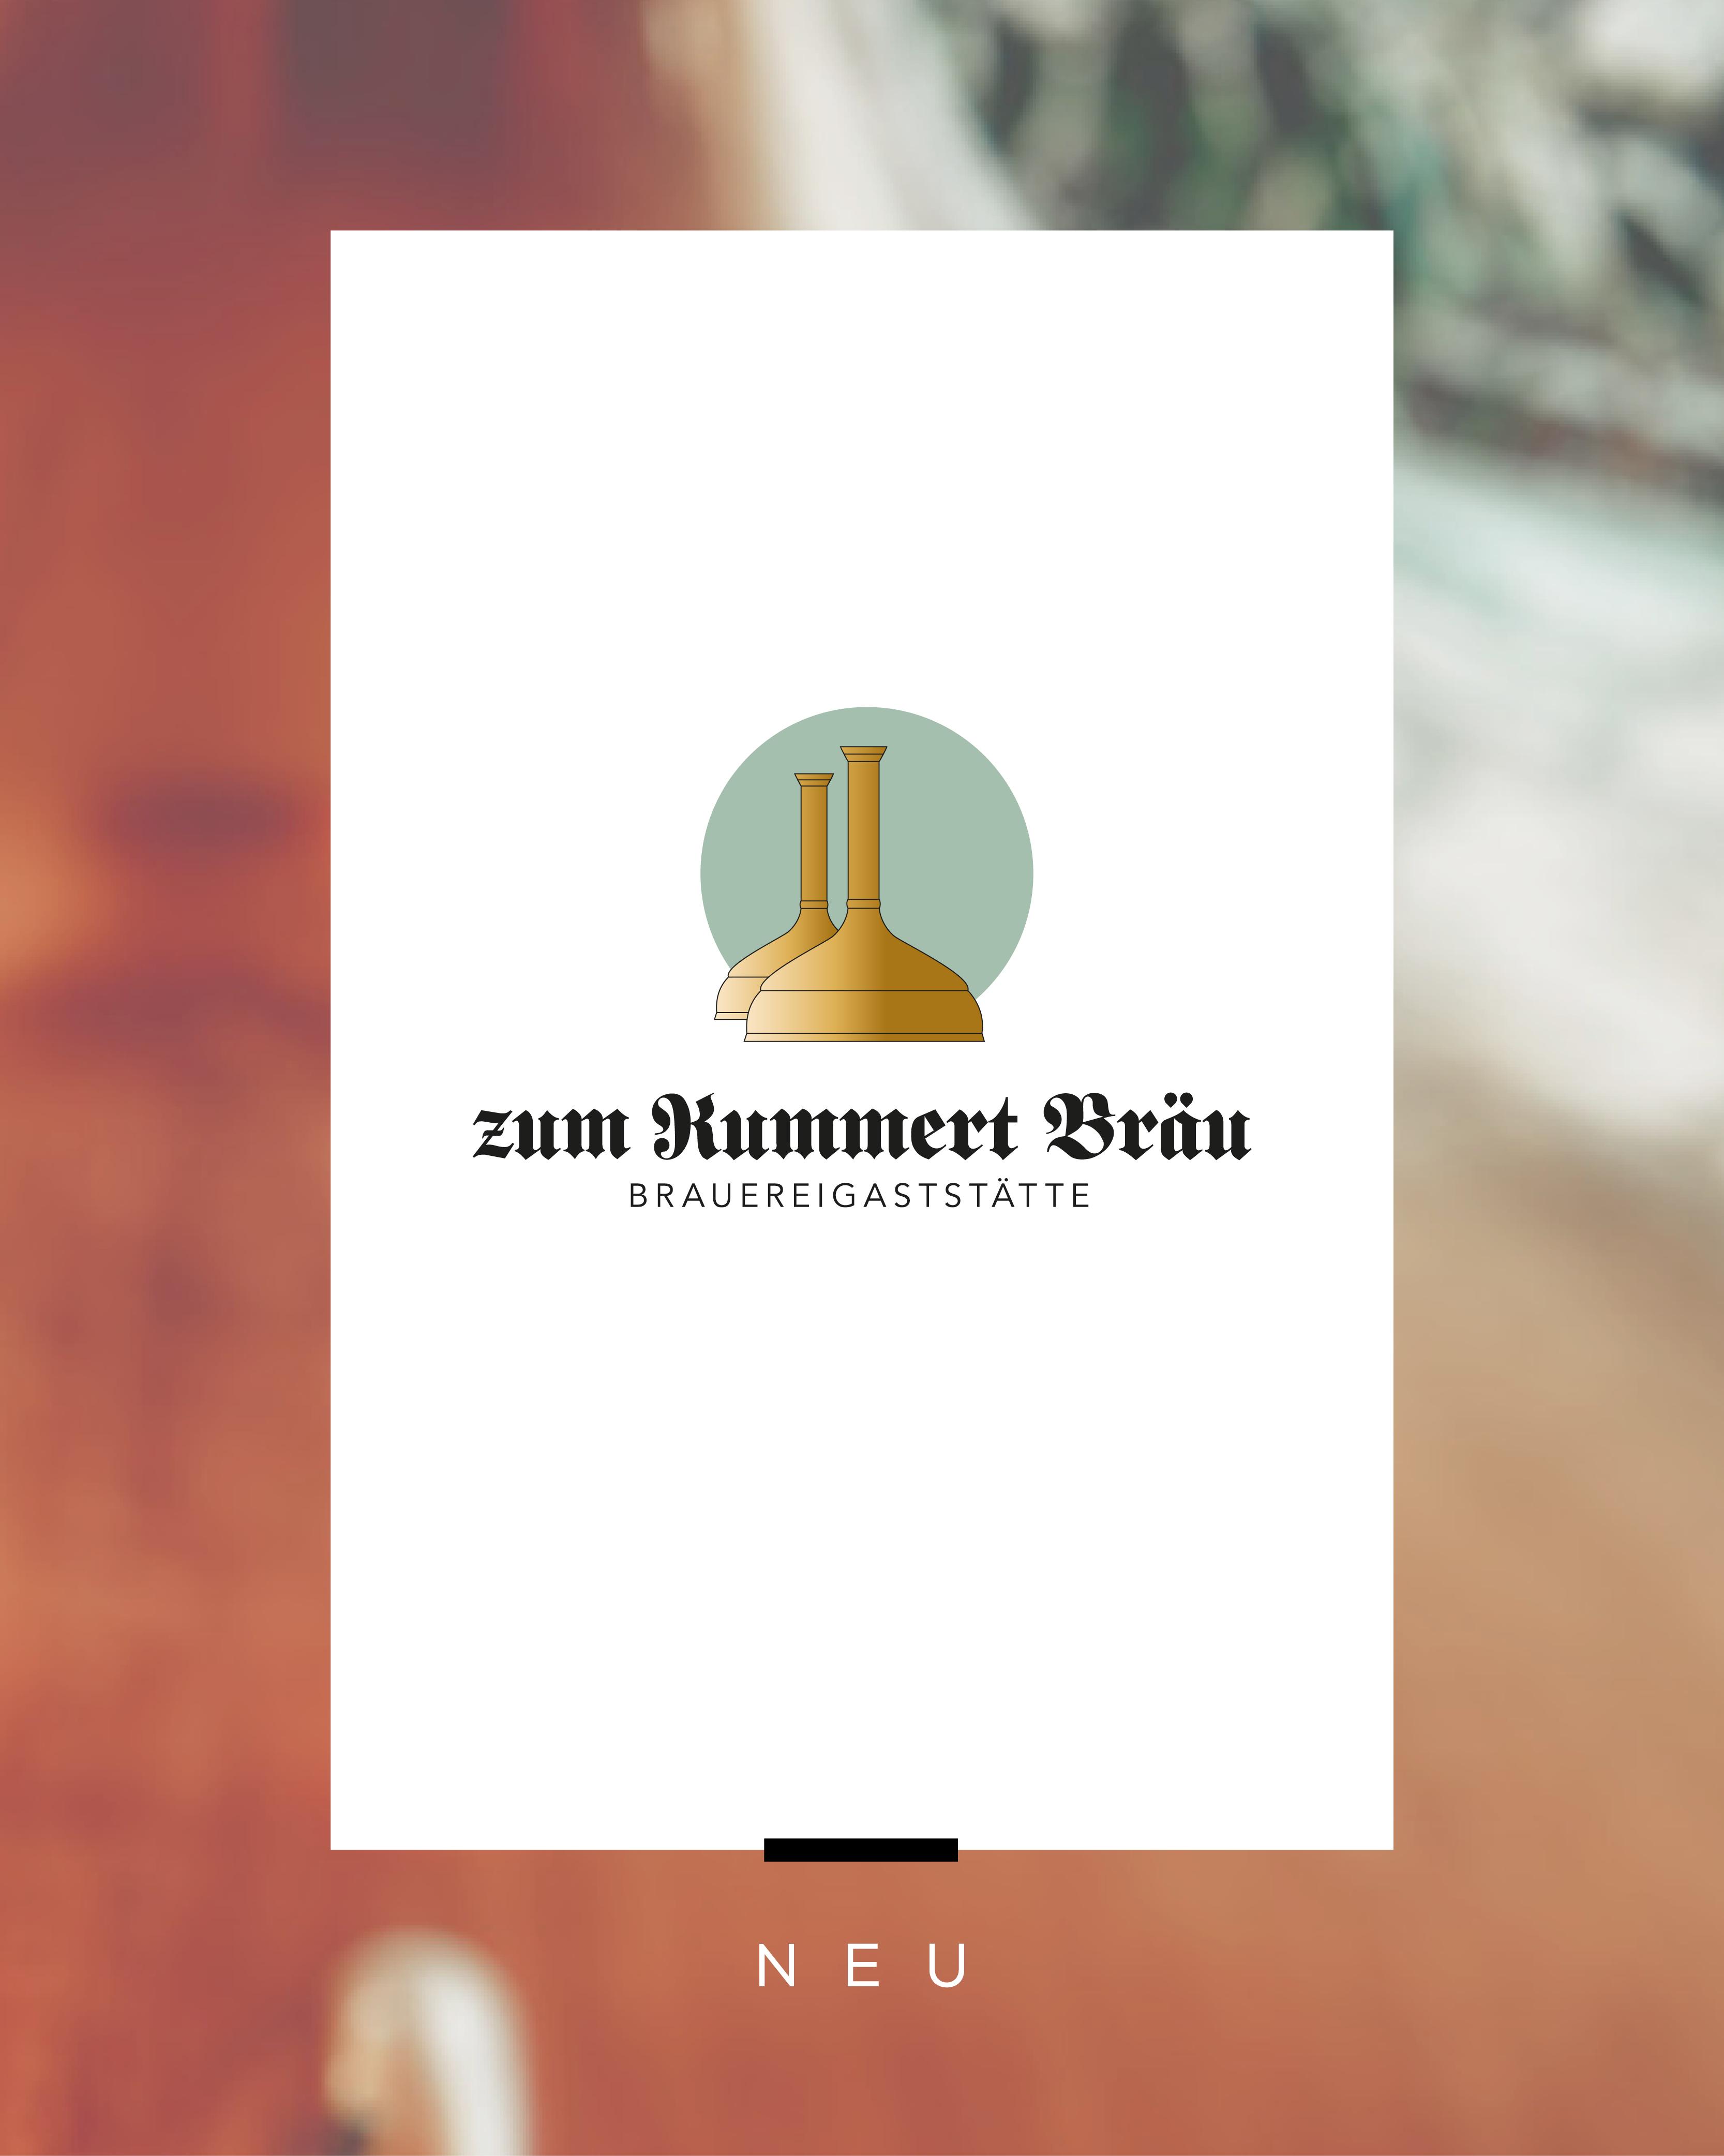 Kummert_Redesign_neu